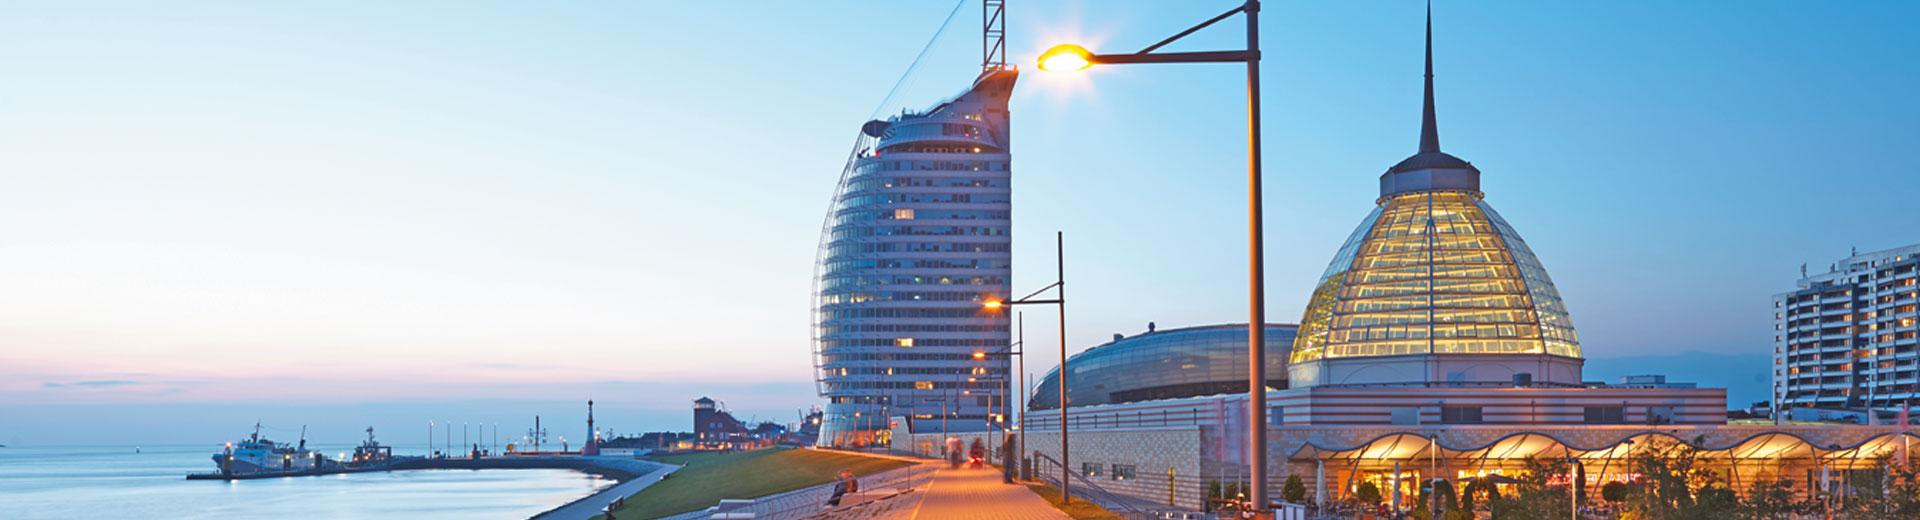 Städtereise Bremerhaven